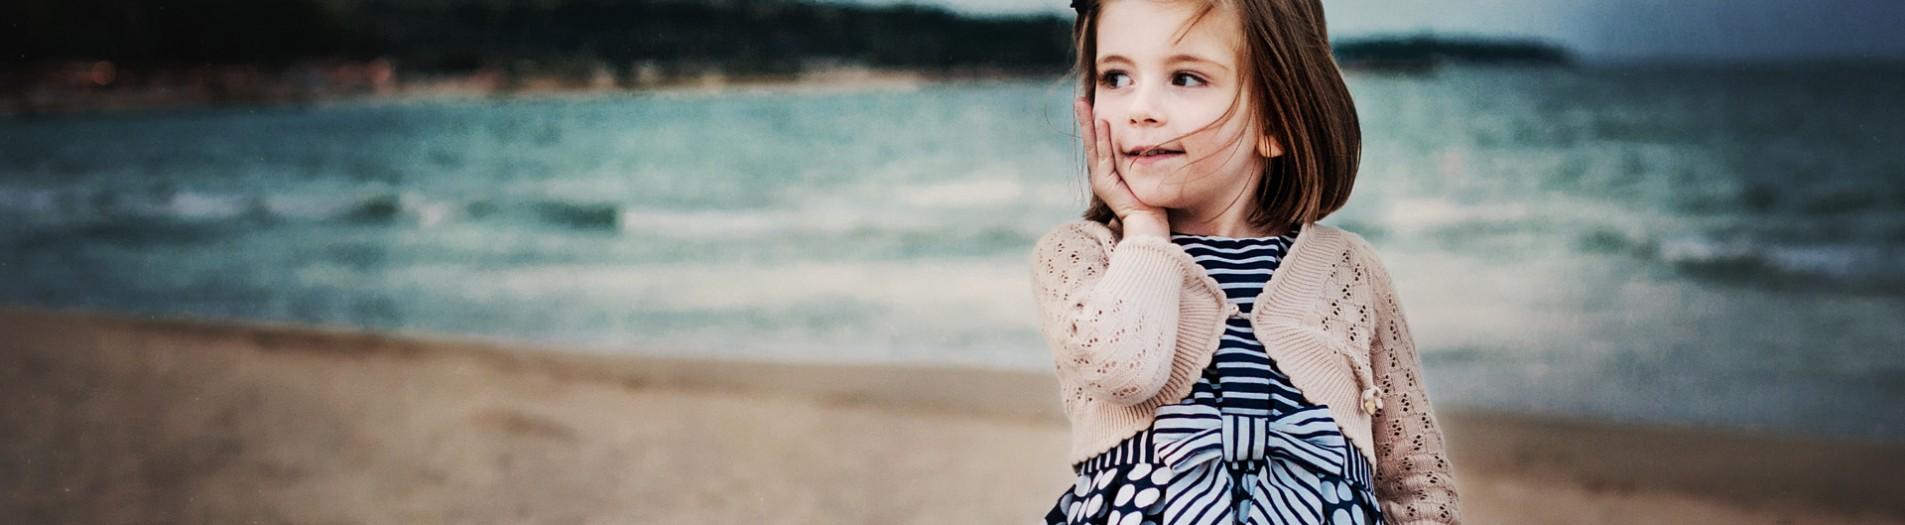 Детска Фотосесия Варна